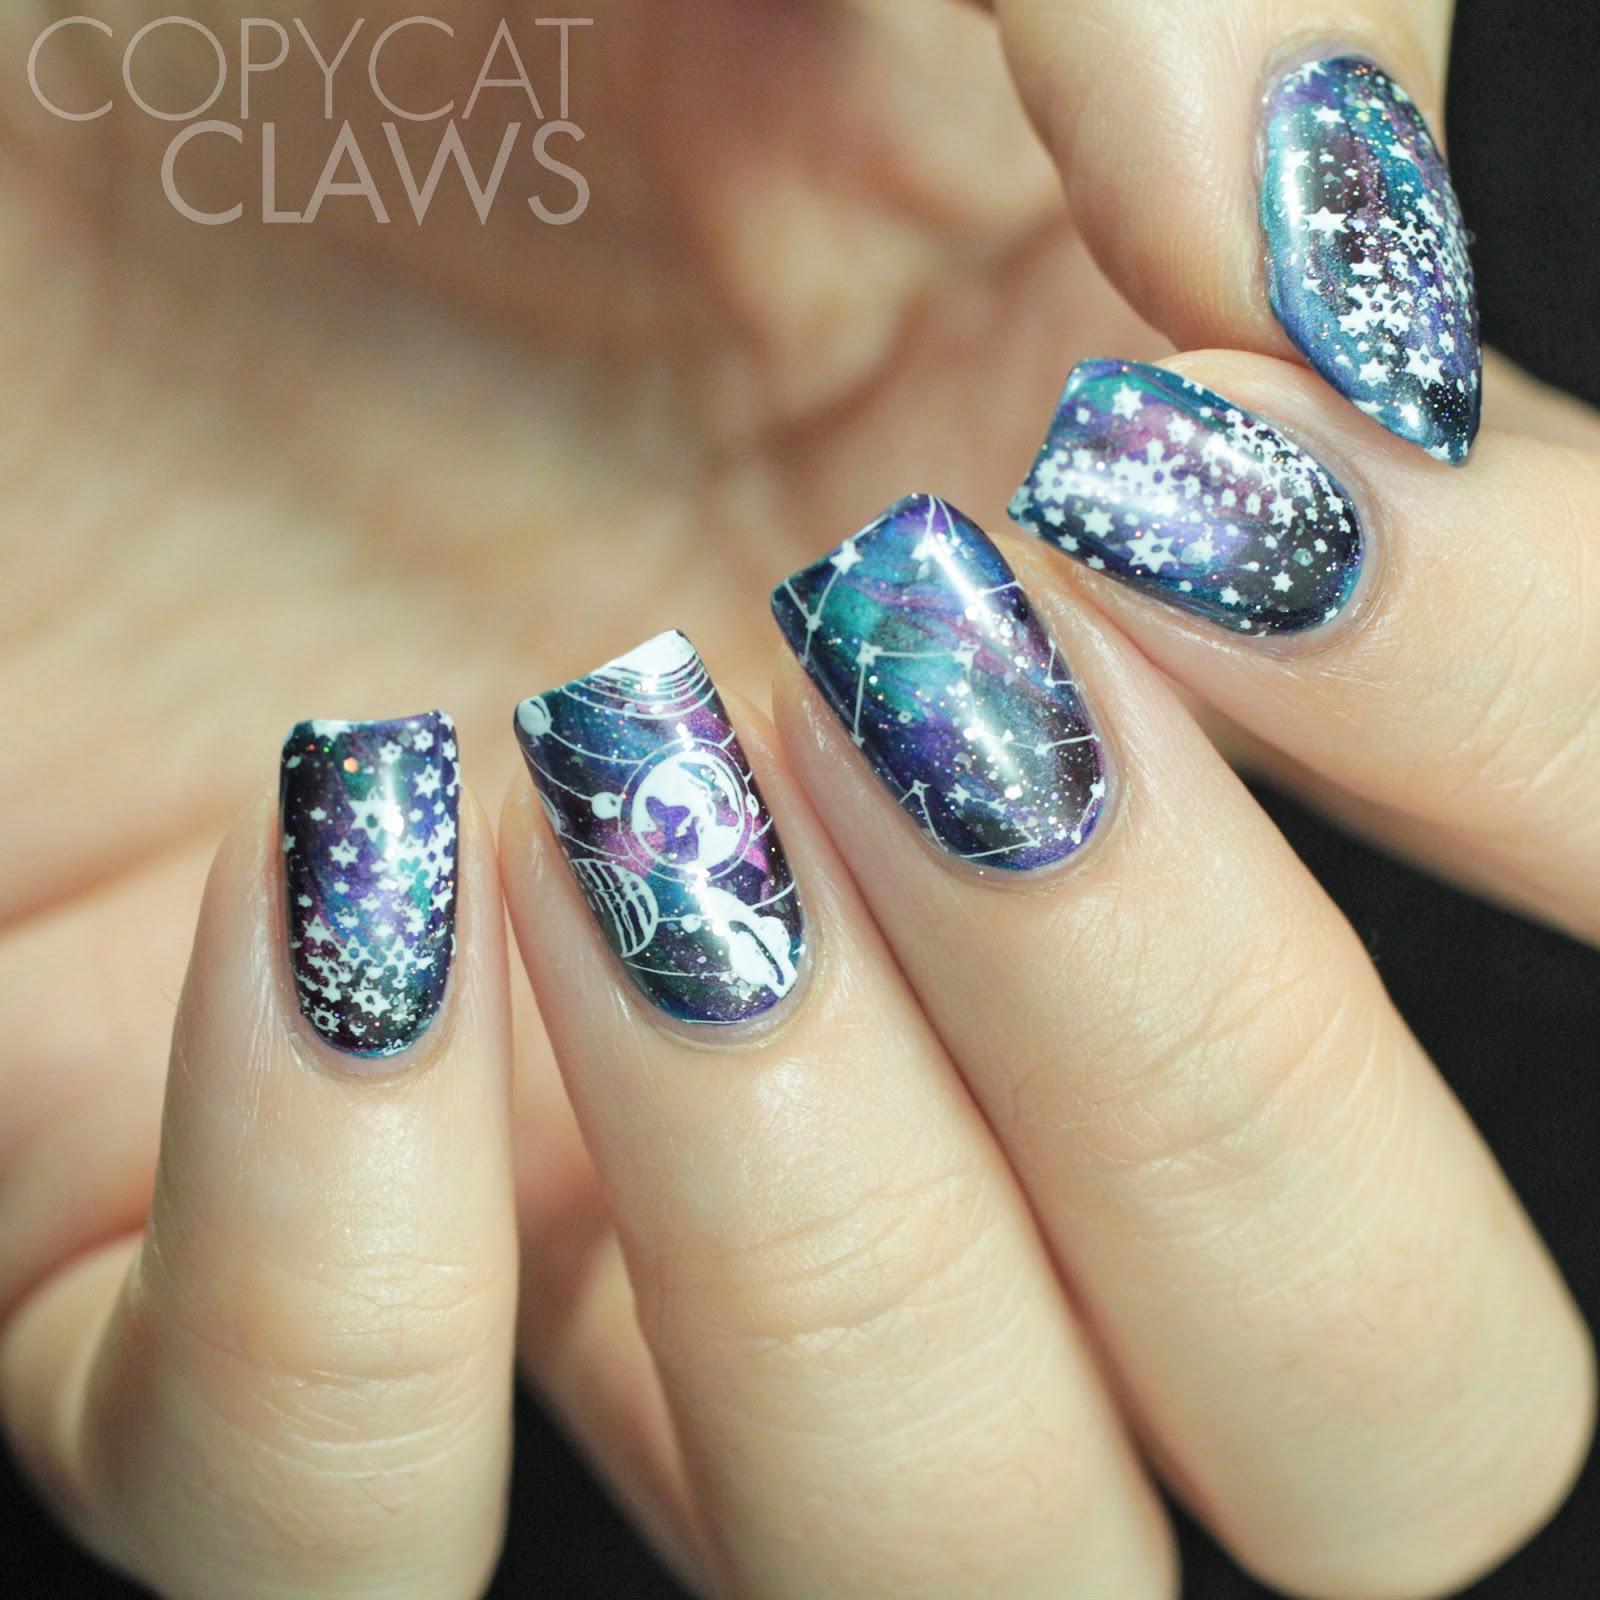 Copycat Claws: The Digit-al Dozen does Futuristic: Space Nails